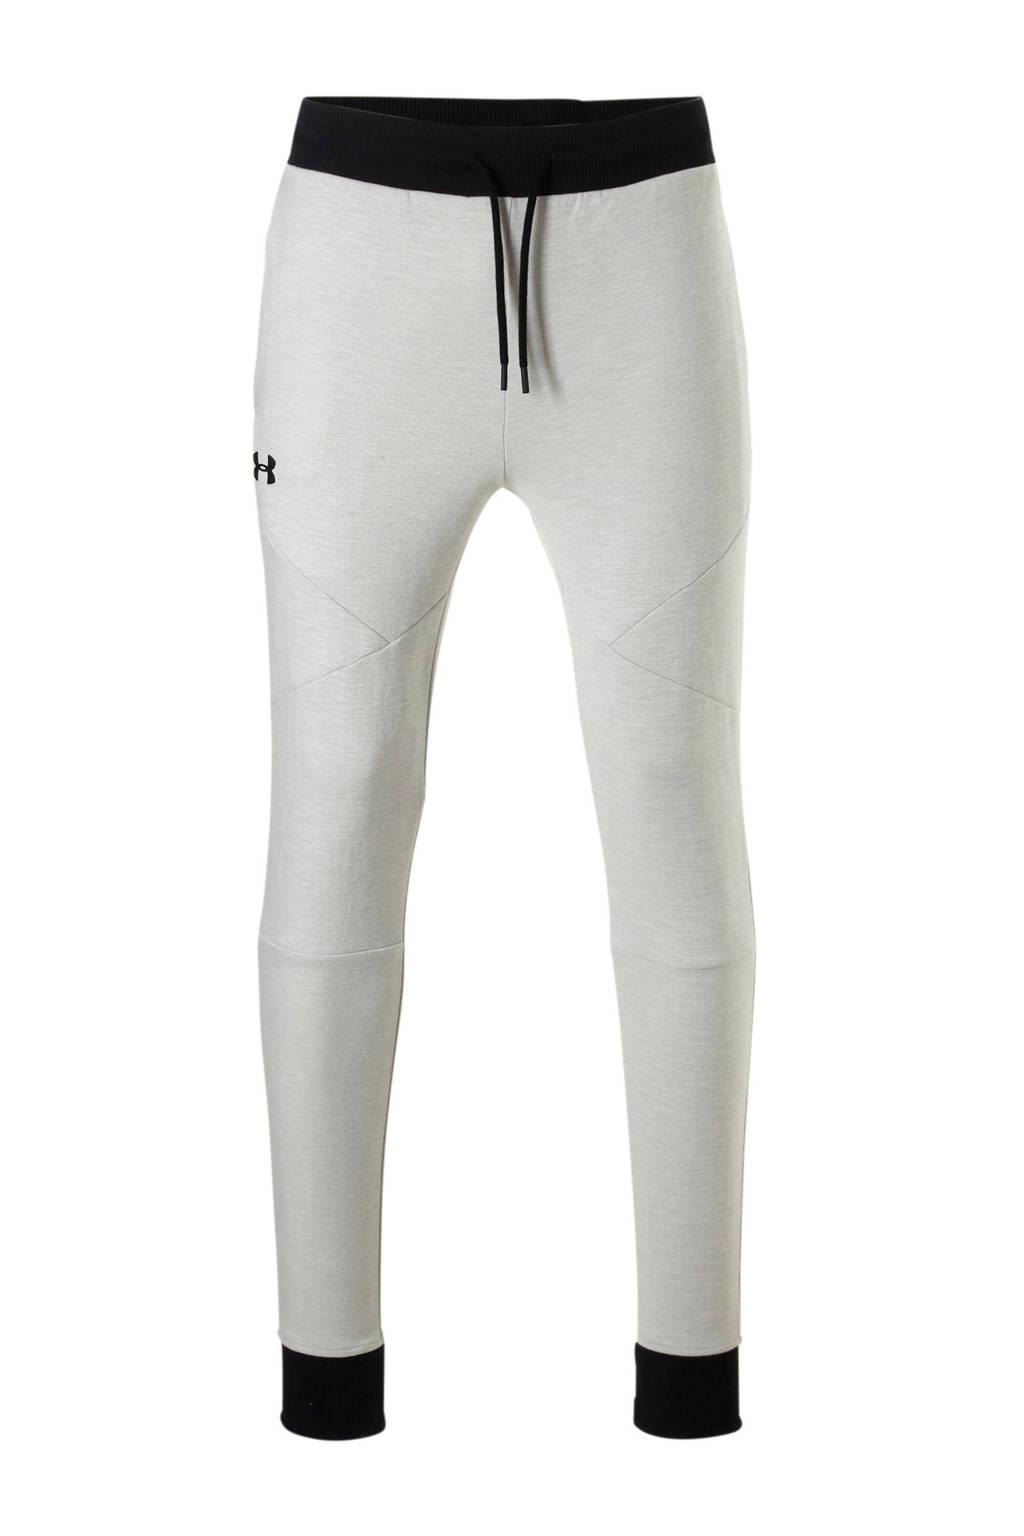 Under Armour Unstoppable Knit Jogger joggingbroek crèmewit, Lichtgrijs/zwart